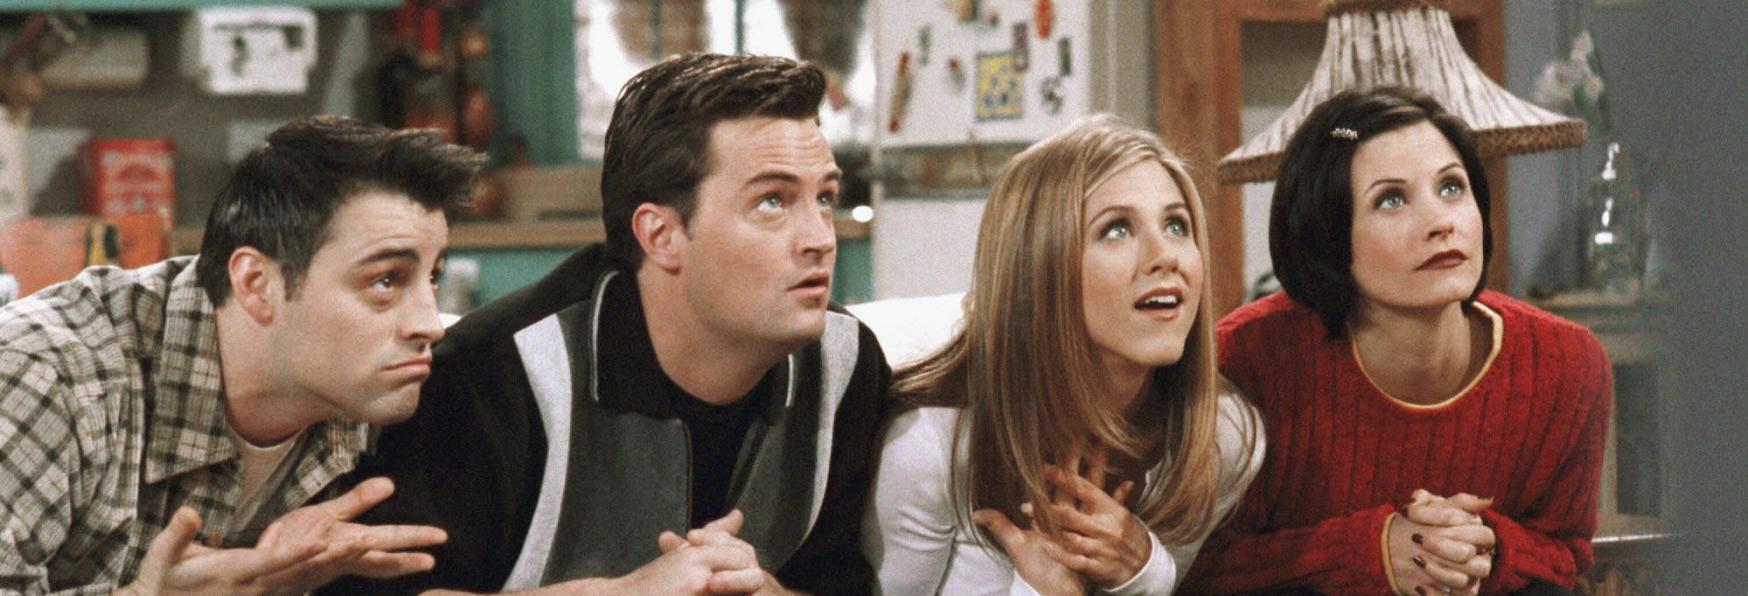 Friends: Rilasciato il Teaser Trailer e la Data di Uscita dell'attesissima Reunion di HBO Max